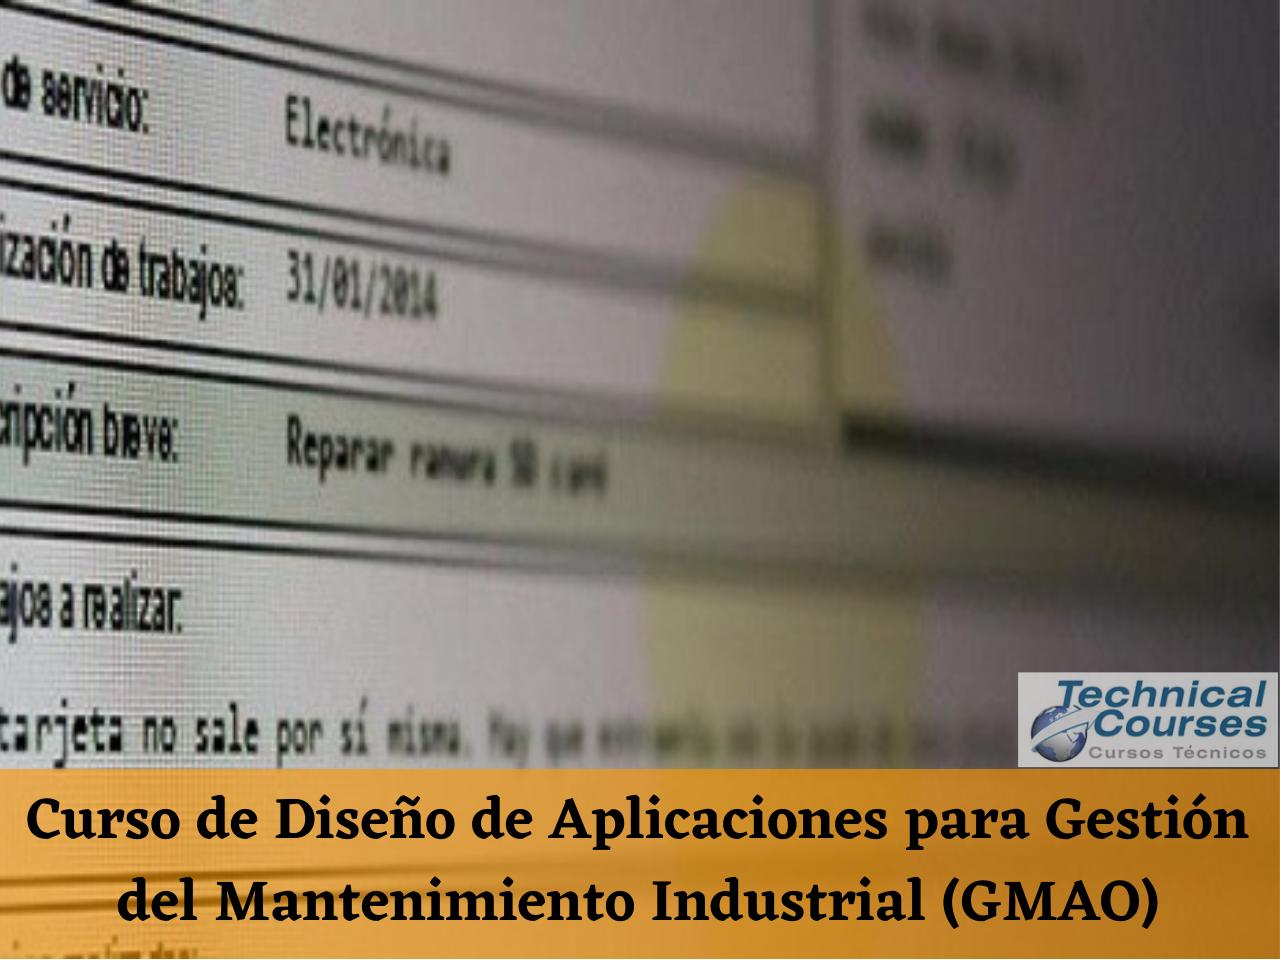 Curso de Diseño de Aplicaciones para Gestión del Mantenimiento Industrial (GMAO)